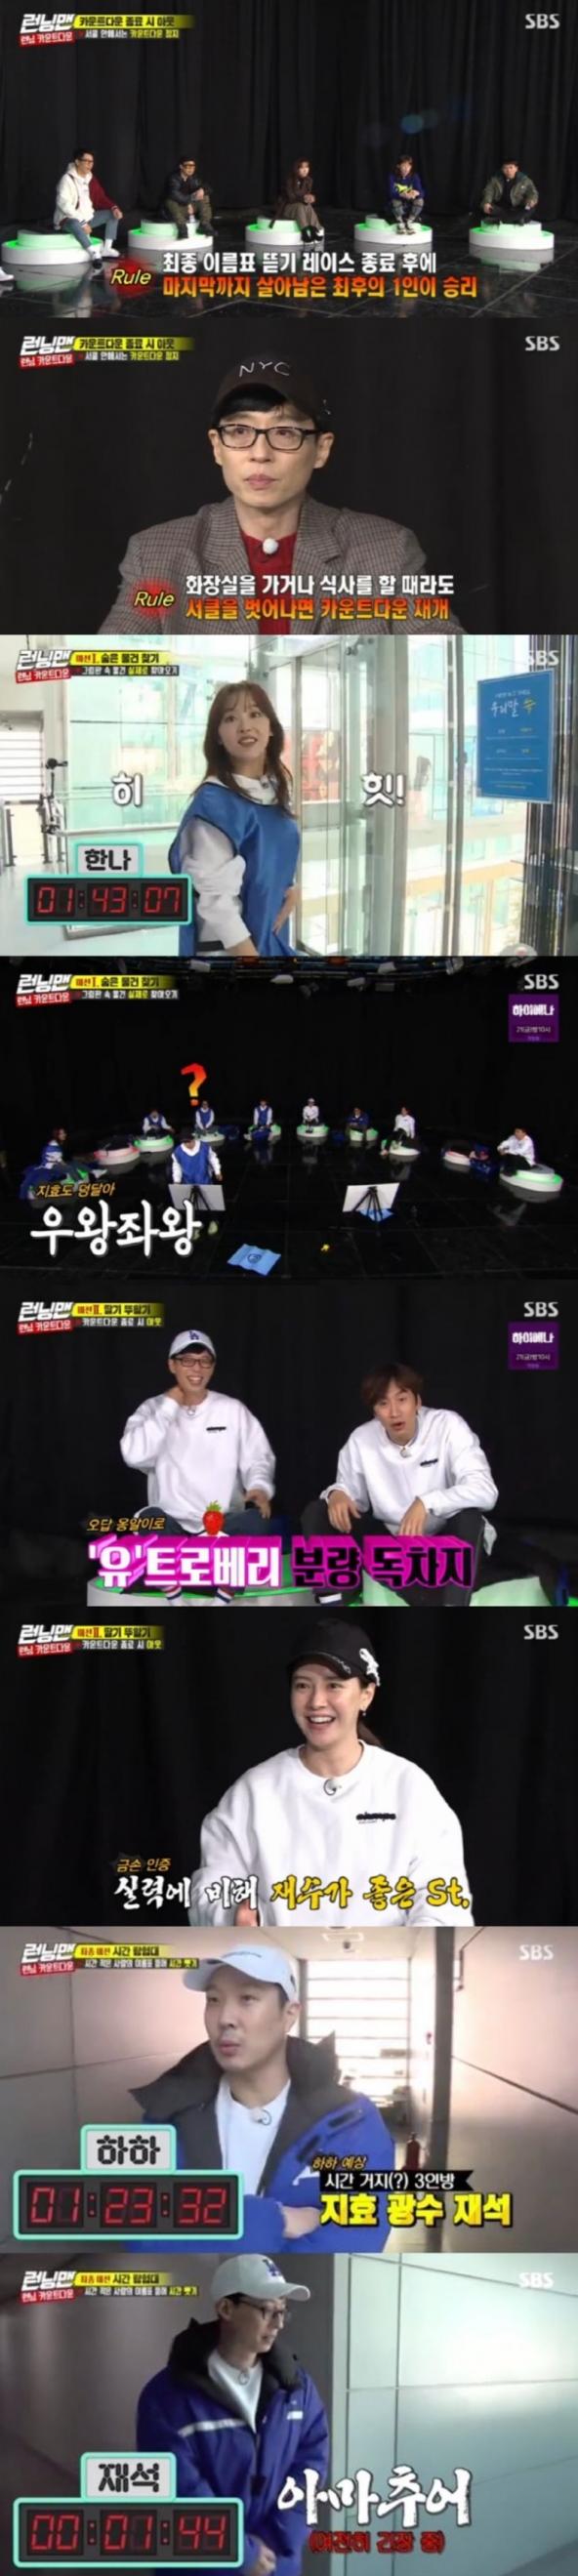 '런닝맨' 물러설 수 없는 '때때로전쟁' 돌입, 최고 시청률 8.1 '최고의 1분' !!